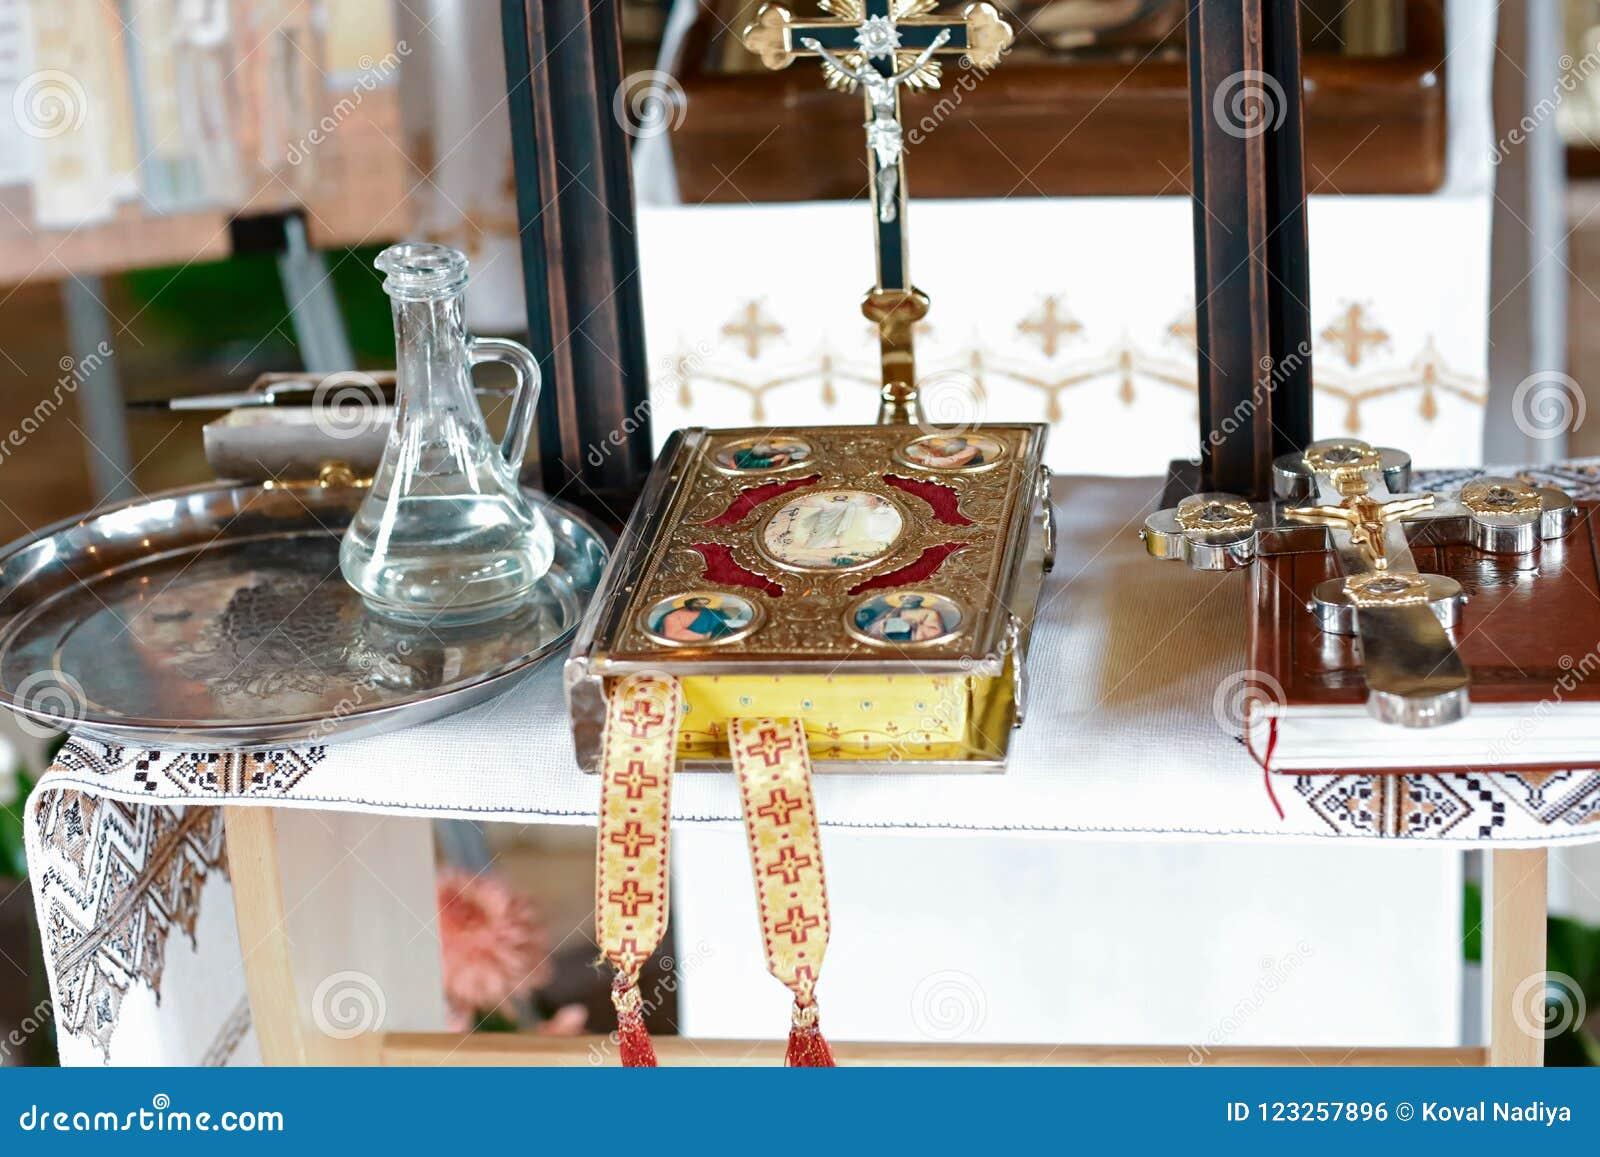 Einzelteile der Taufe in der Kirche, Katholizismus, das Konzept des Christentums